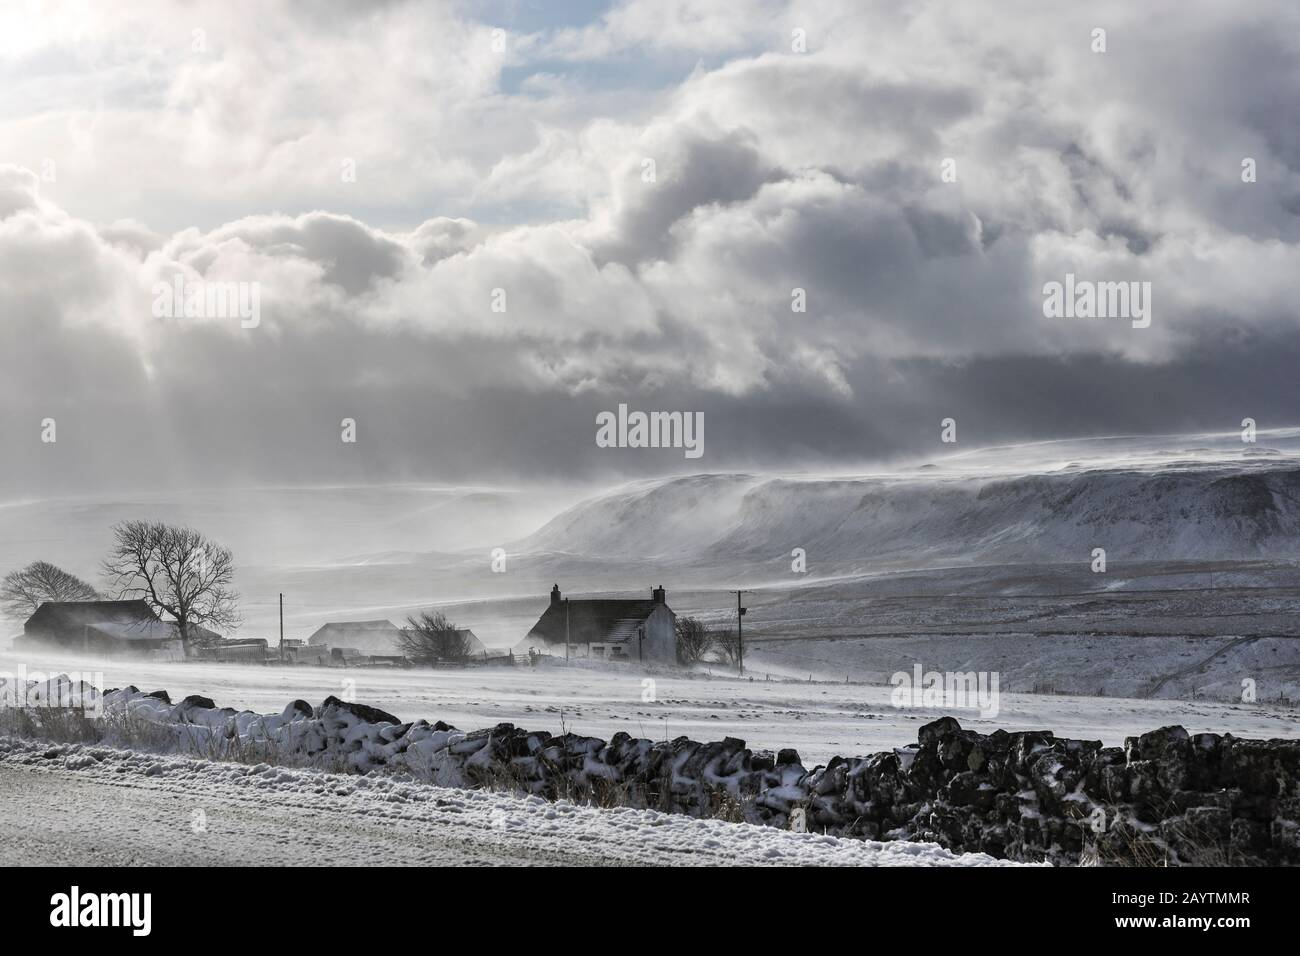 Con El Dramático Telón De Fondo de Cronkley Fell, Sprindrift Fluye a través del paisaje de Upper Teesdale, County Durham, Reino Unido Foto de stock